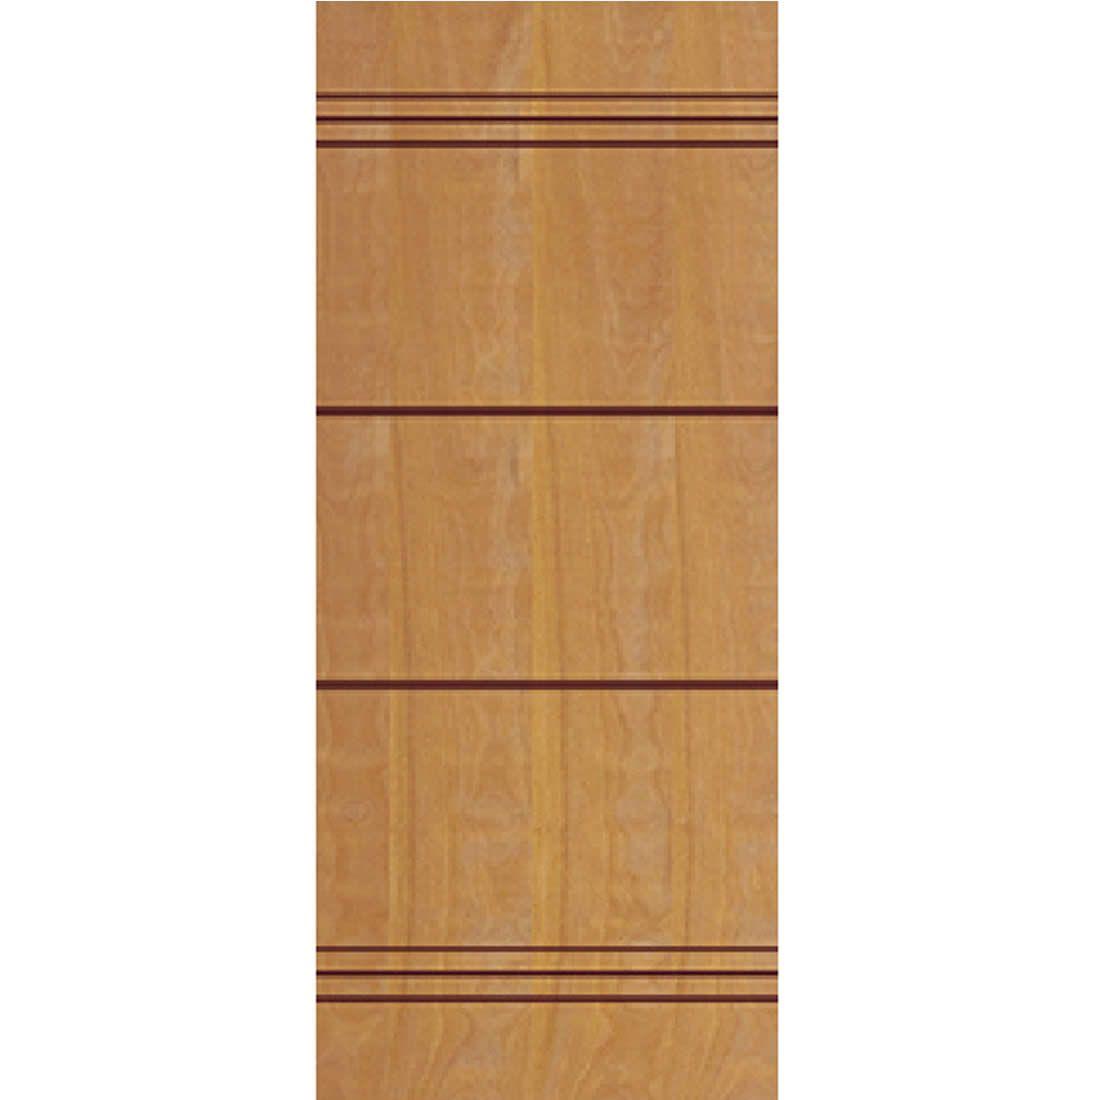 Porta 2,10 x 0,80m em Madeira Curupixa Semi Sólida Modelo 08 Frisada JB Paes